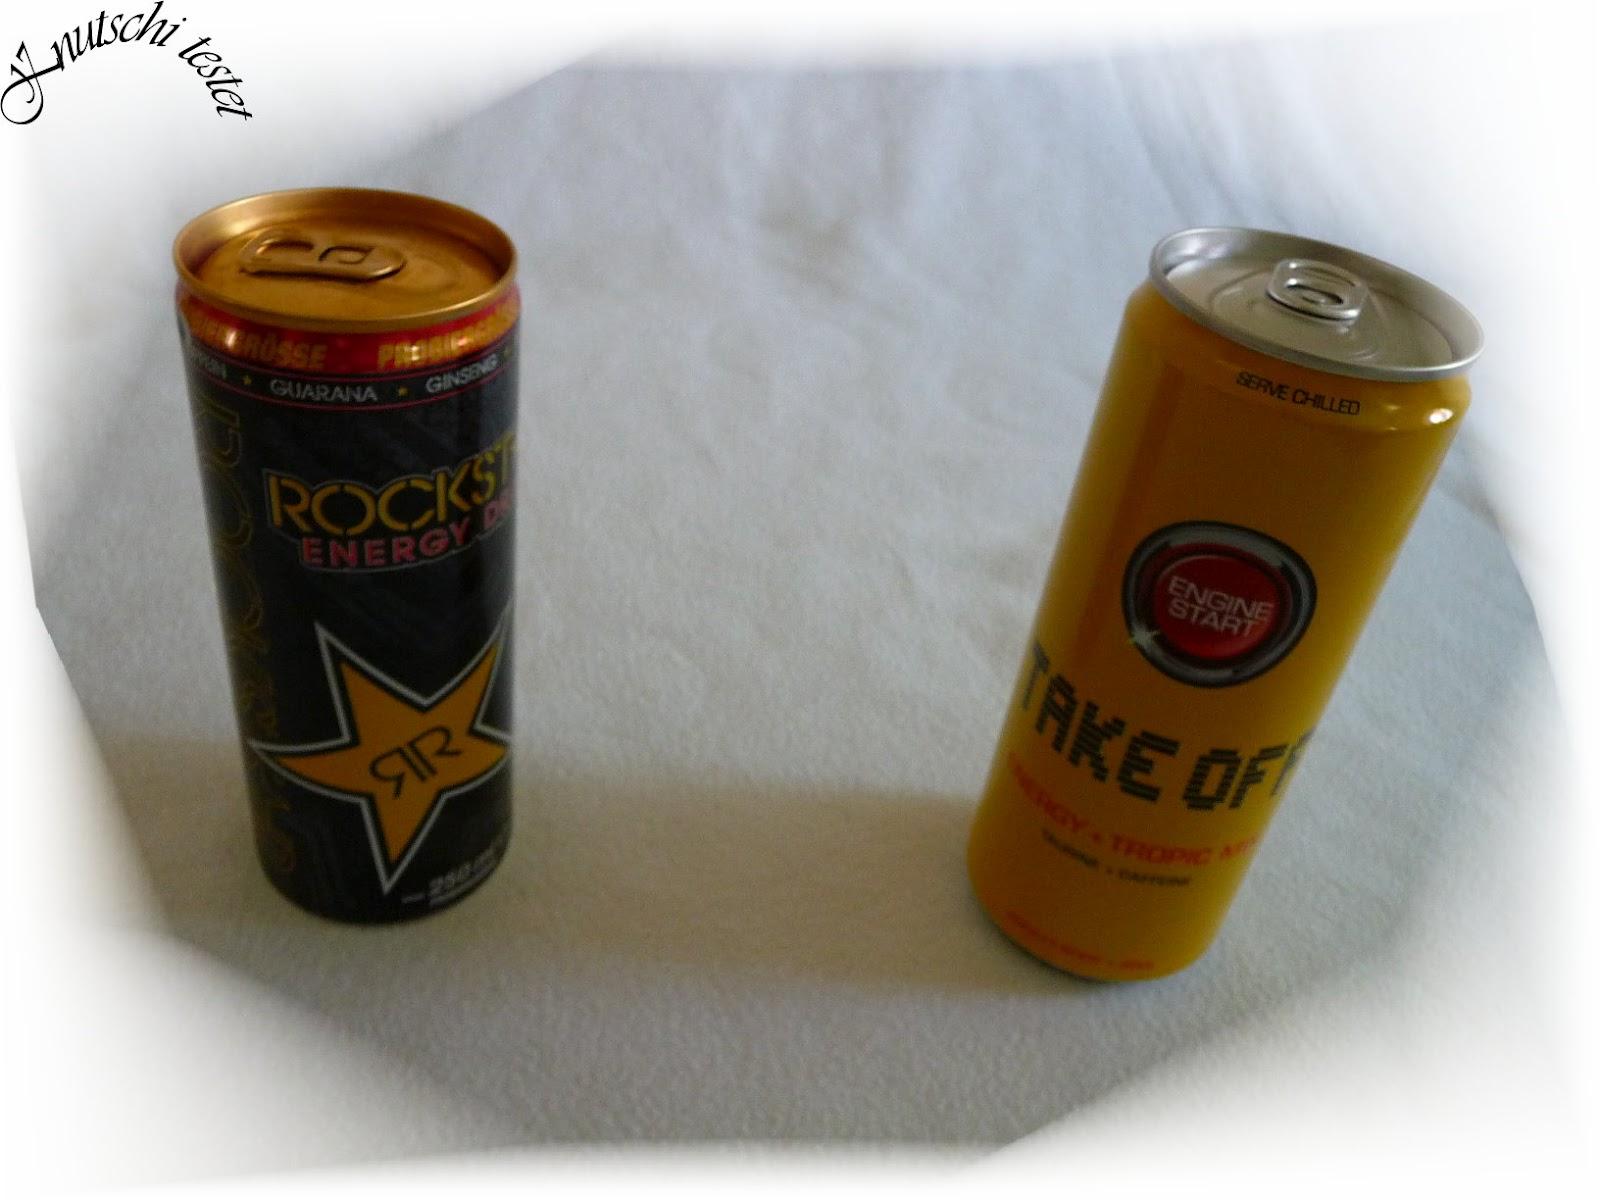 Mini Kühlschrank Rockstar Energy : Take off vs rockstar